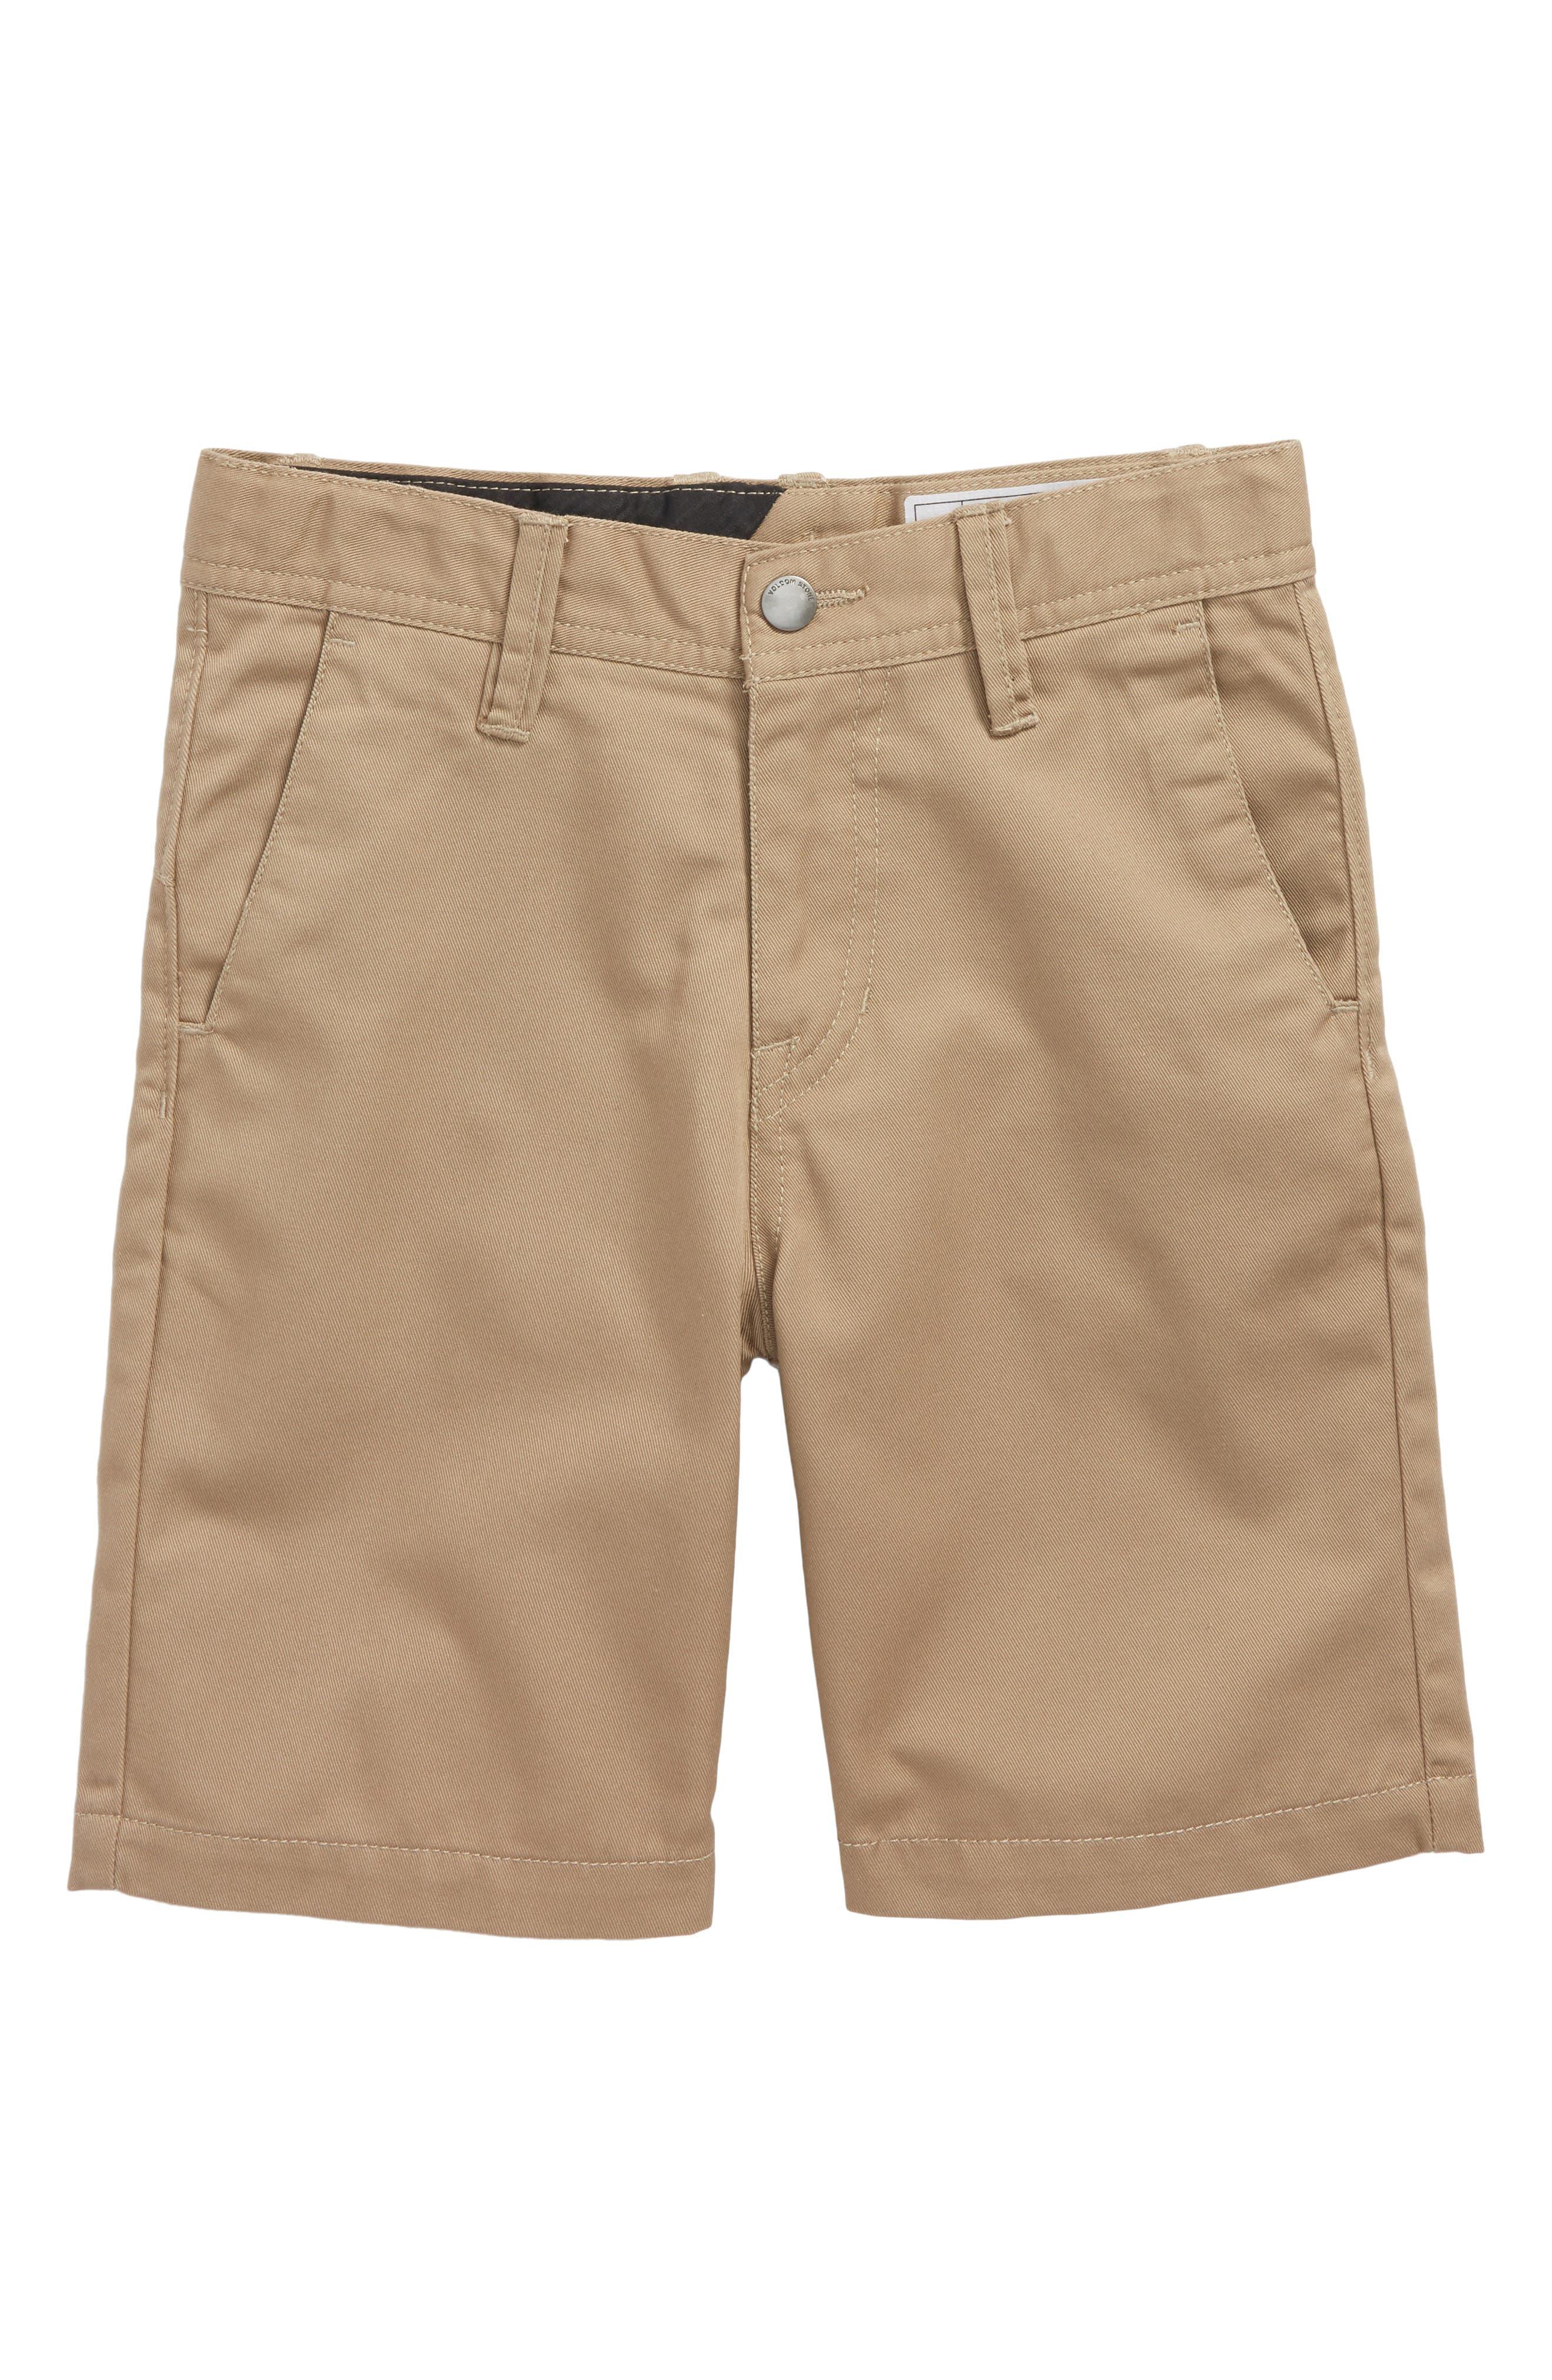 Chino Shorts,                         Main,                         color, KHAKI